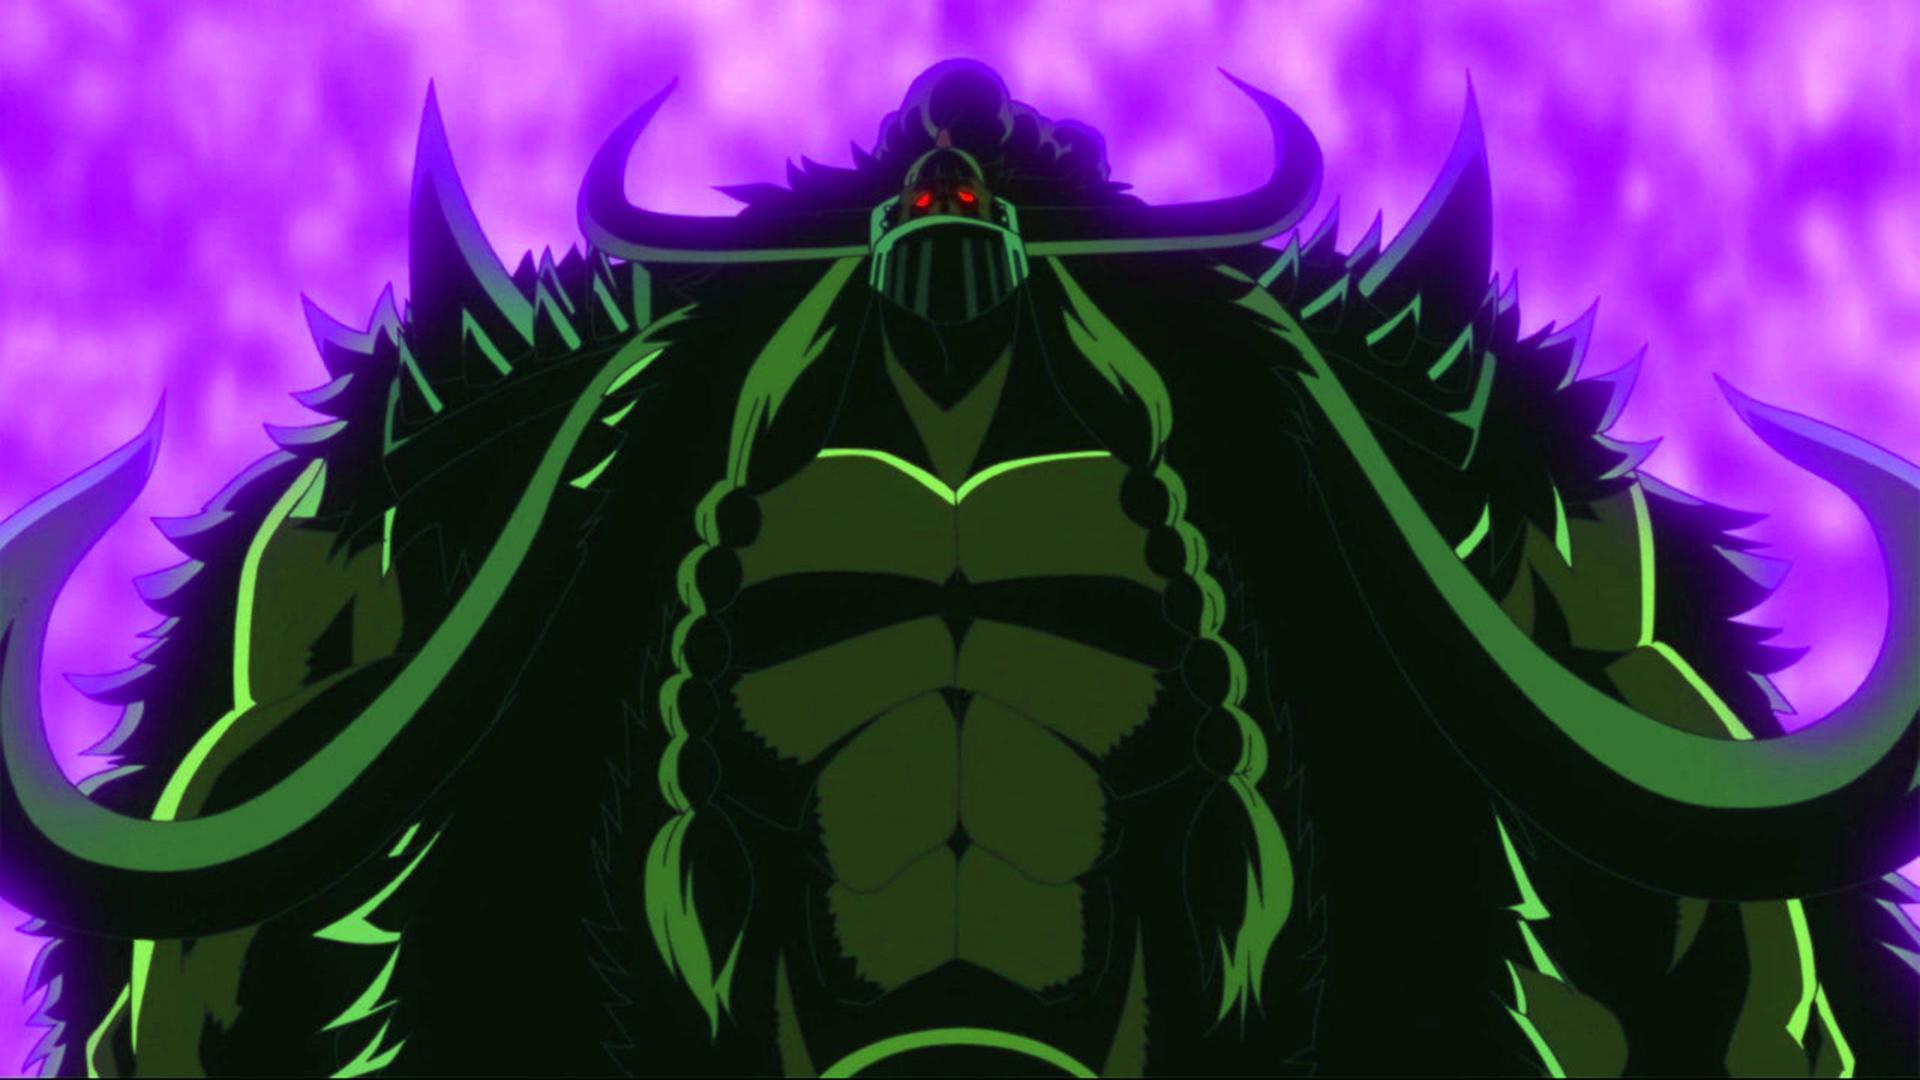 海賊王1026話,傑克人獸形態曝光,造型稀奇,可惜一登場就被秒殺